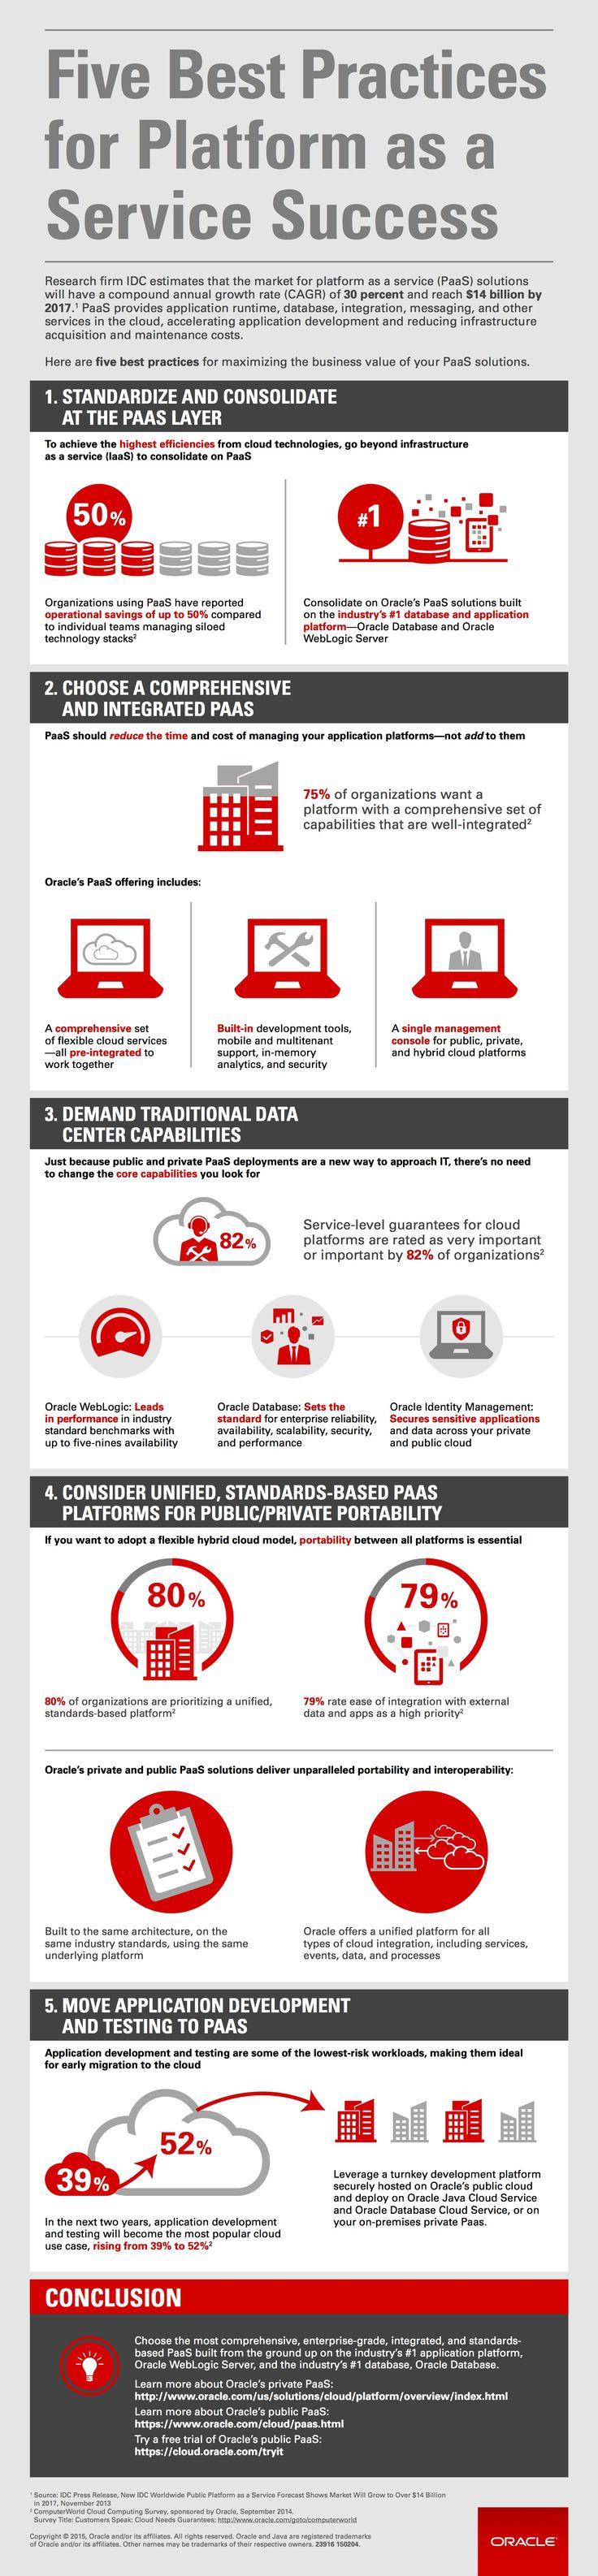 Five Best Practices for Platform as a Service Success